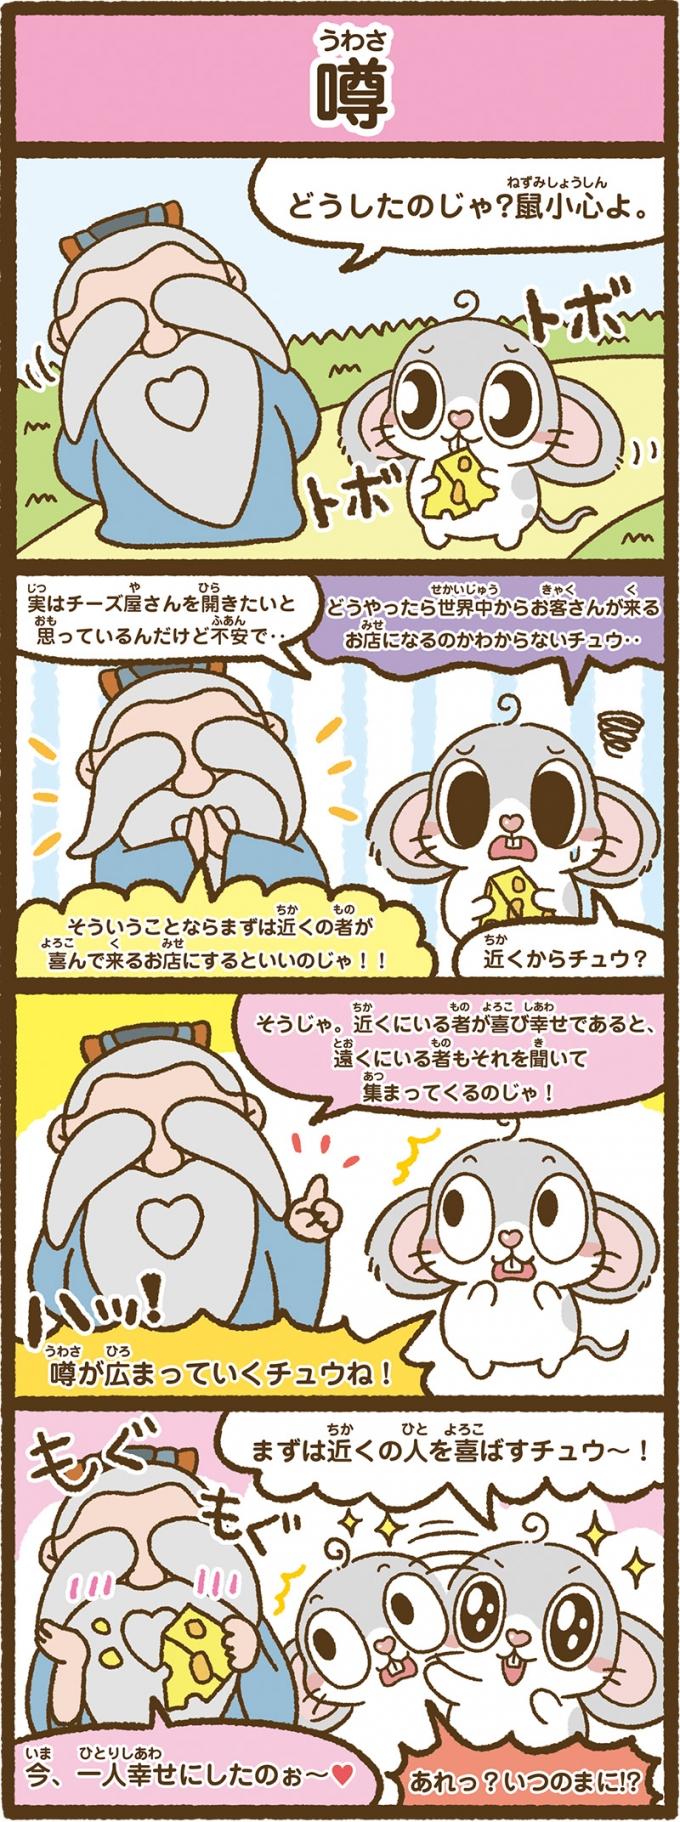 中国の人気ゆるキャラ『孔子爺や』の4コマ漫画第11弾~第12弾のサムネイル画像